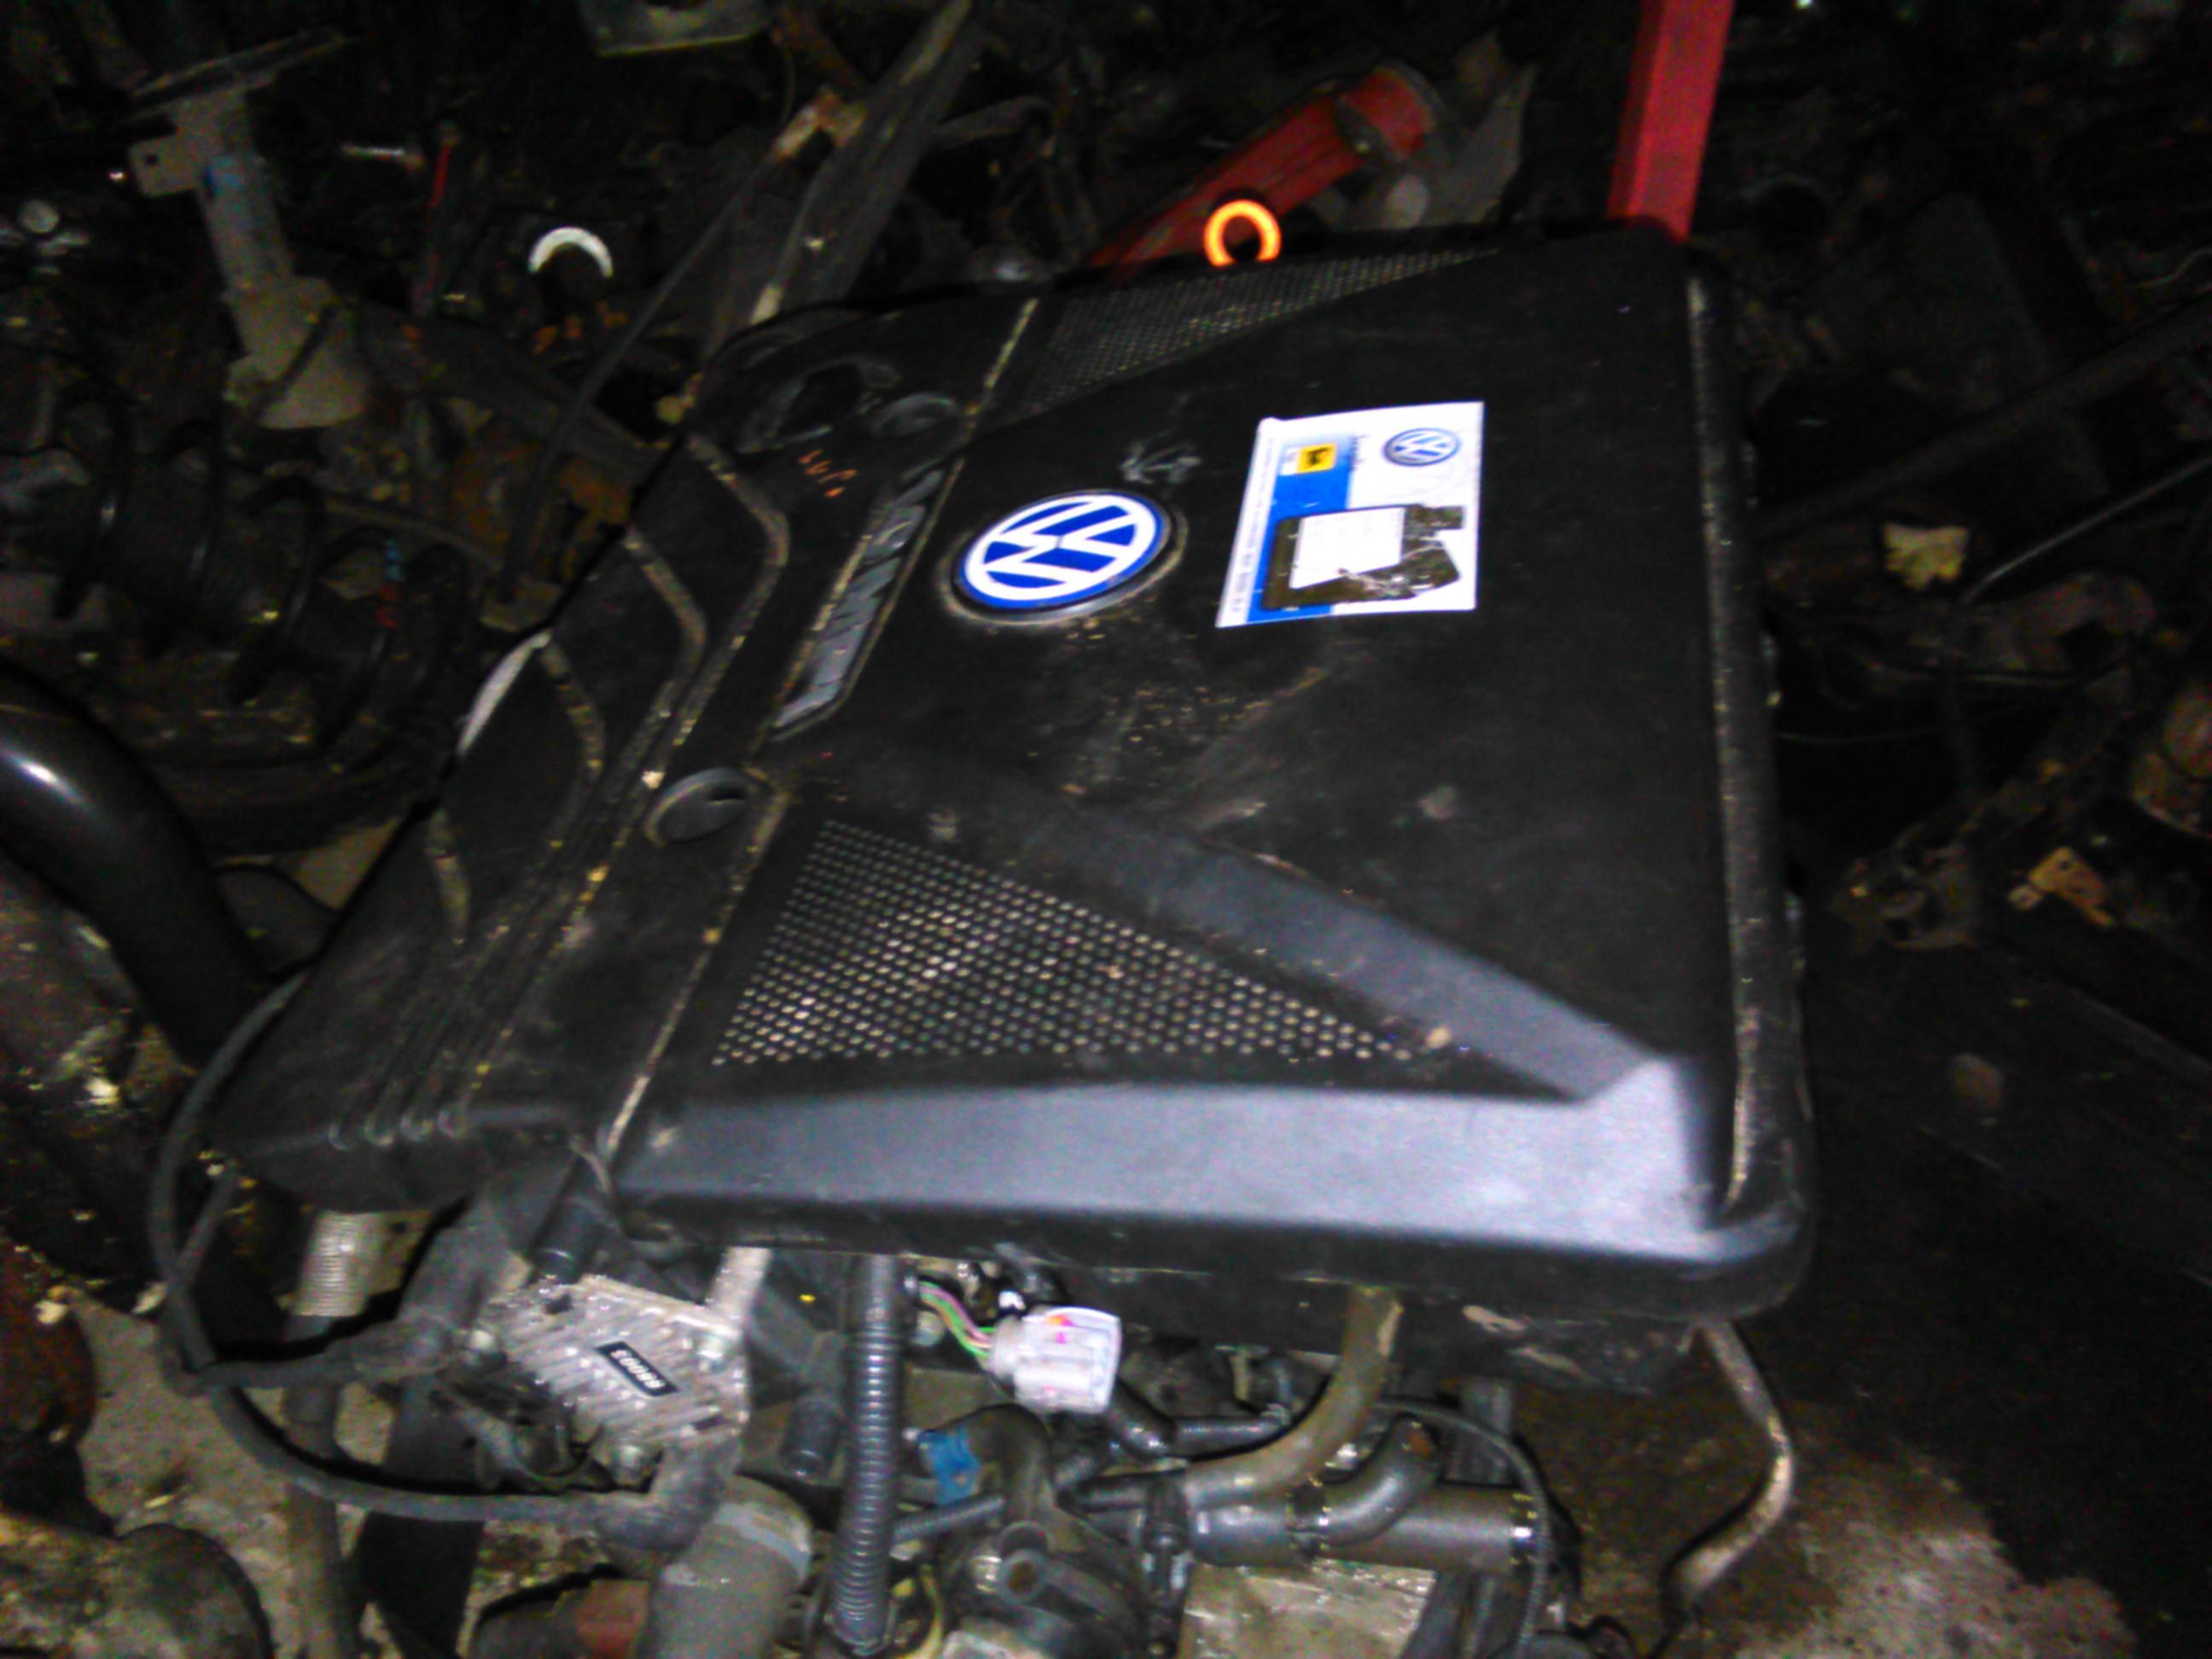 Motor AUD Vw Polo 1.4, Vw Lupo 1.4, Seat Ibiza 1.4, Seat Cordoba 1.4